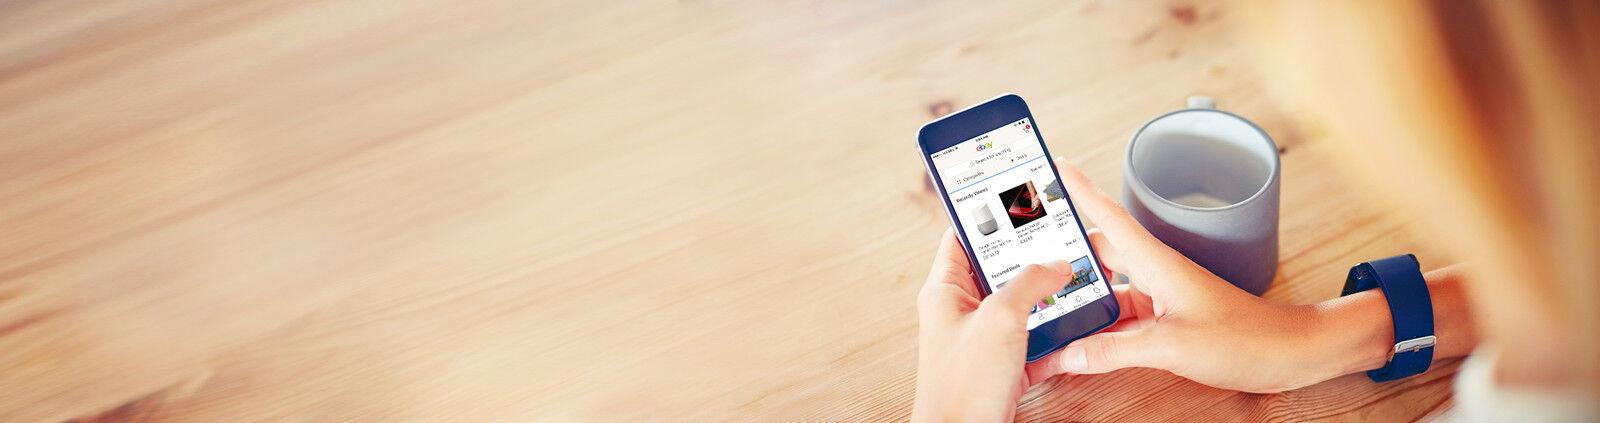 Découvrez la nouvelle app eBay dont tout le monde parle